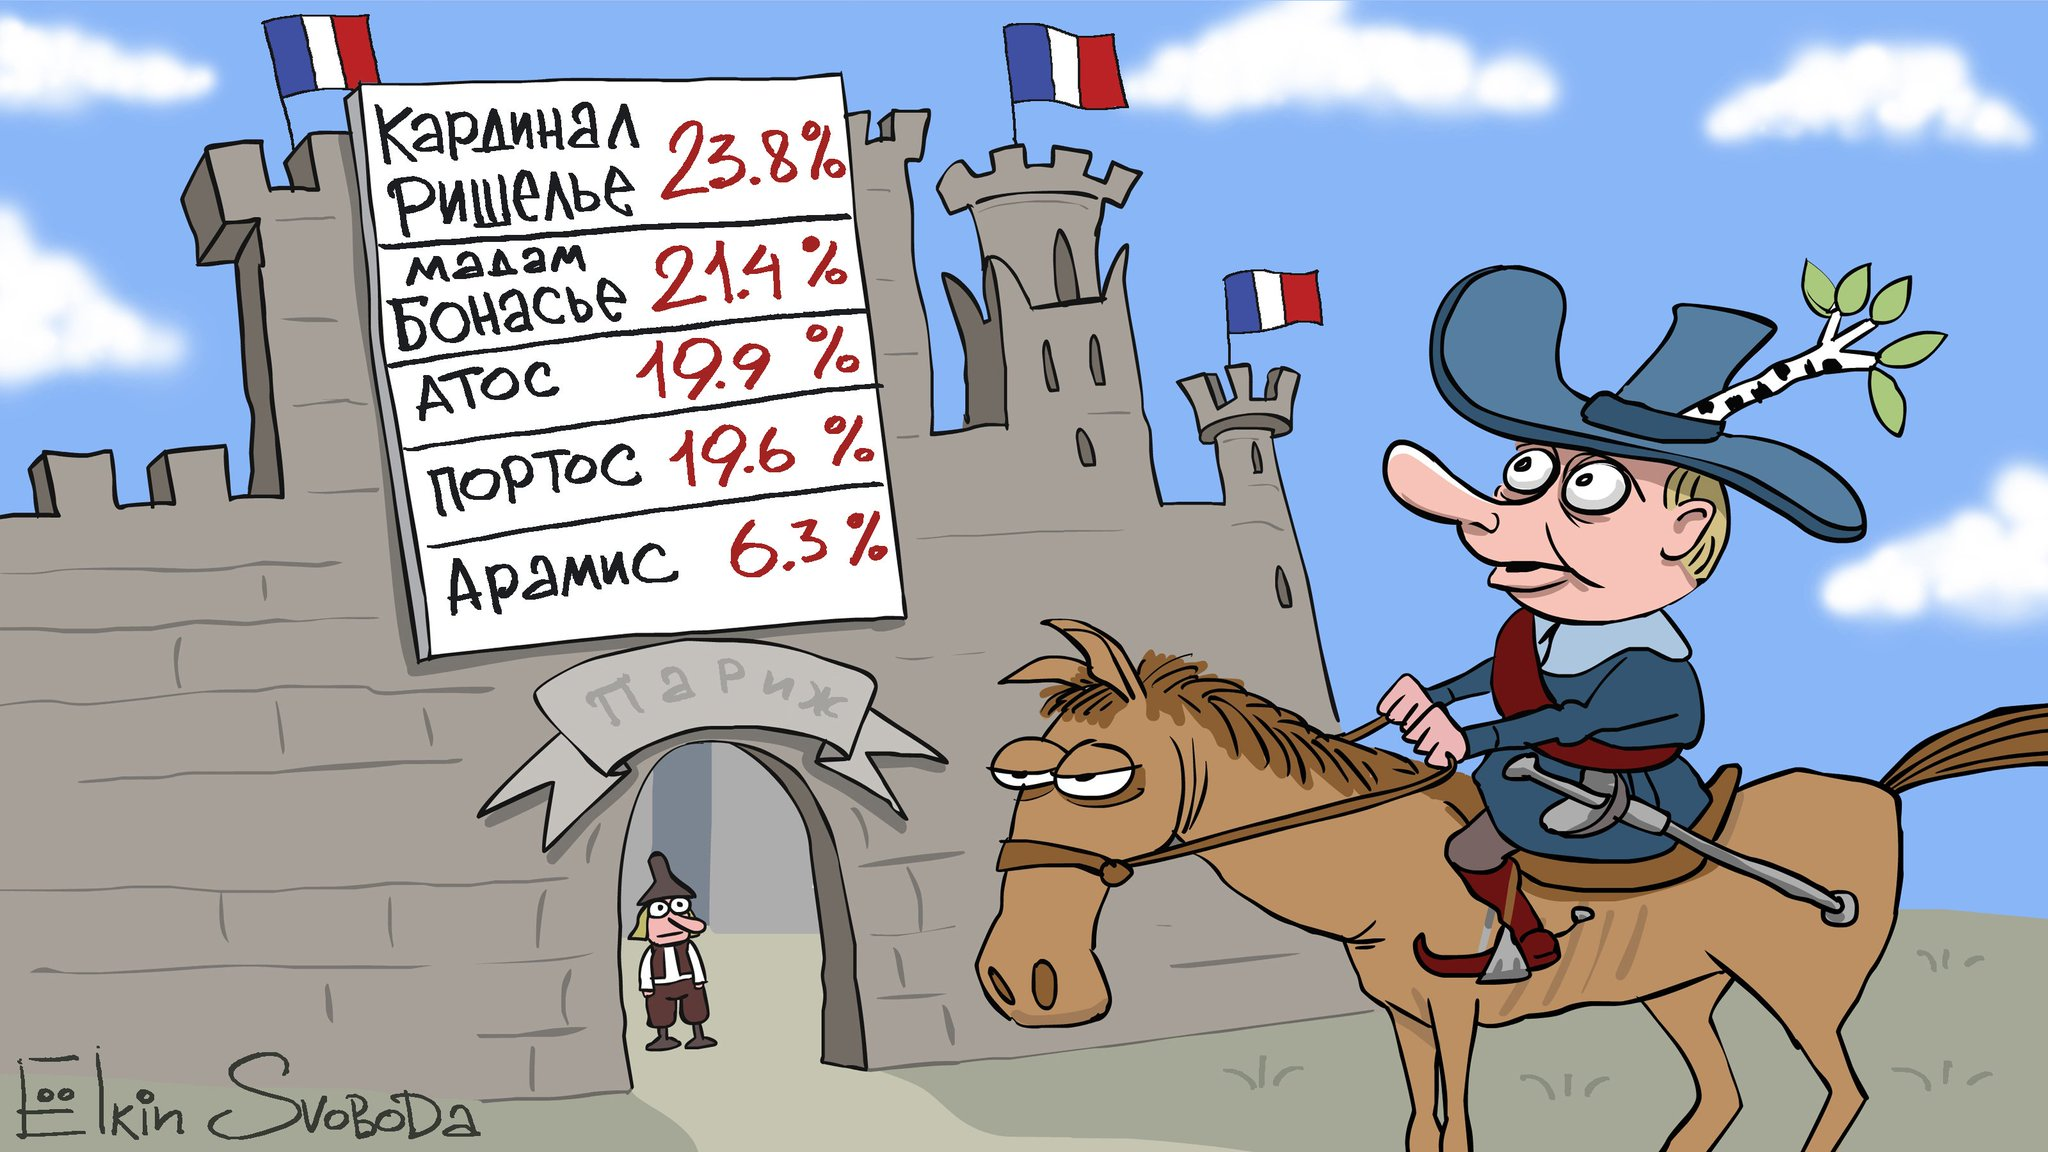 Олланд назвал угрозой для Франции успех Ле Пен на выборах - Цензор.НЕТ 7274